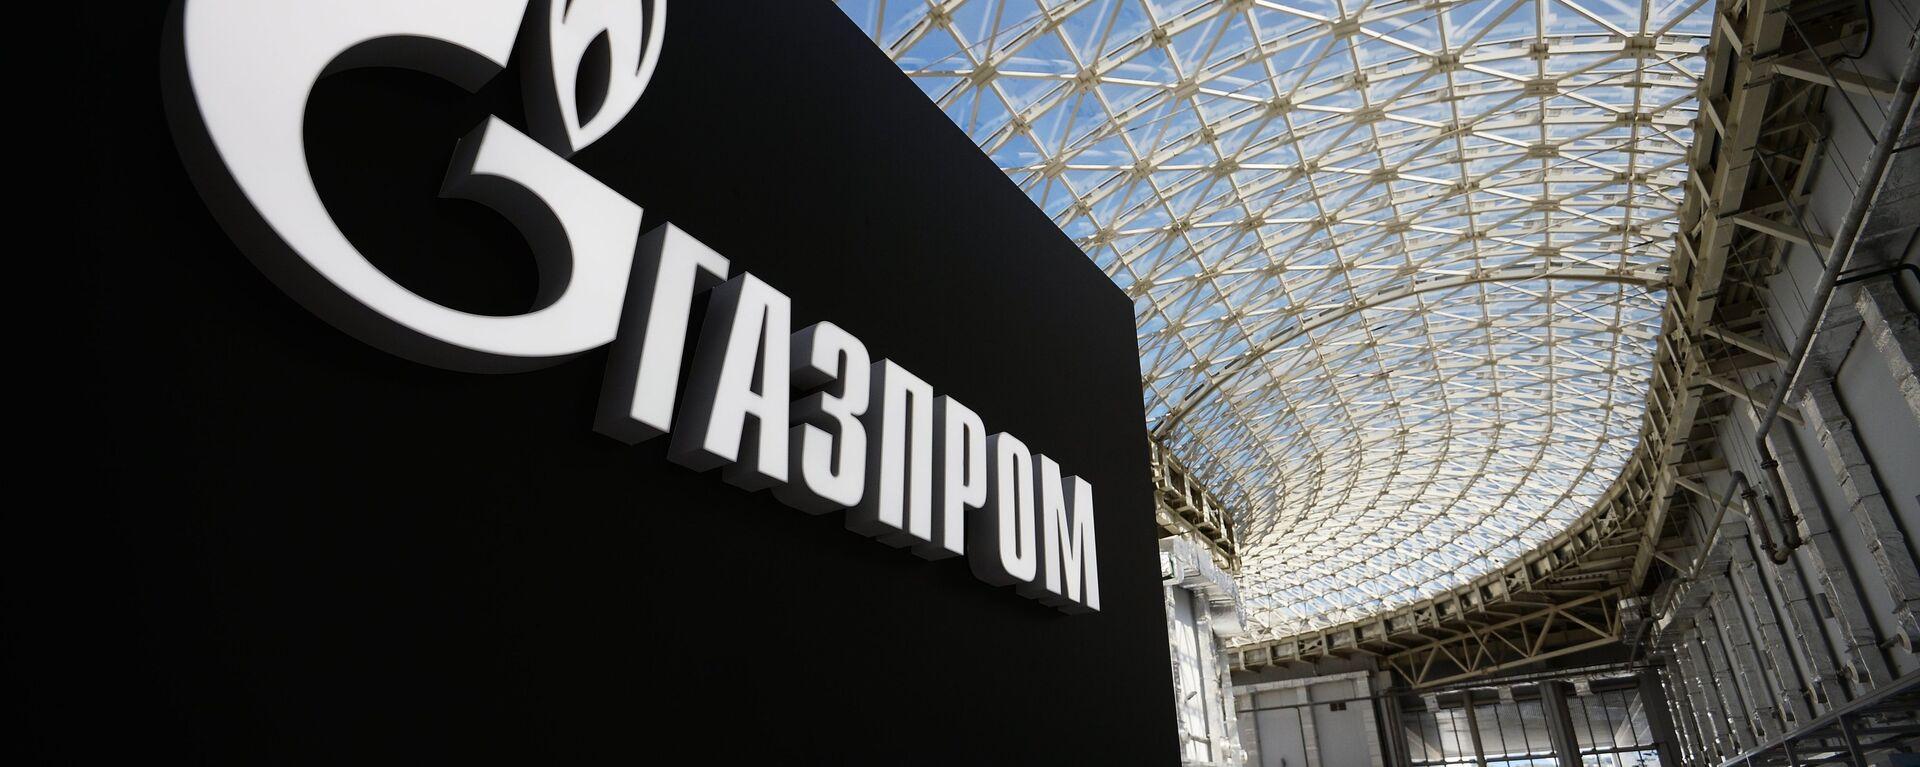 Logo de la compañía rusa Gazprom - Sputnik Mundo, 1920, 10.06.2021